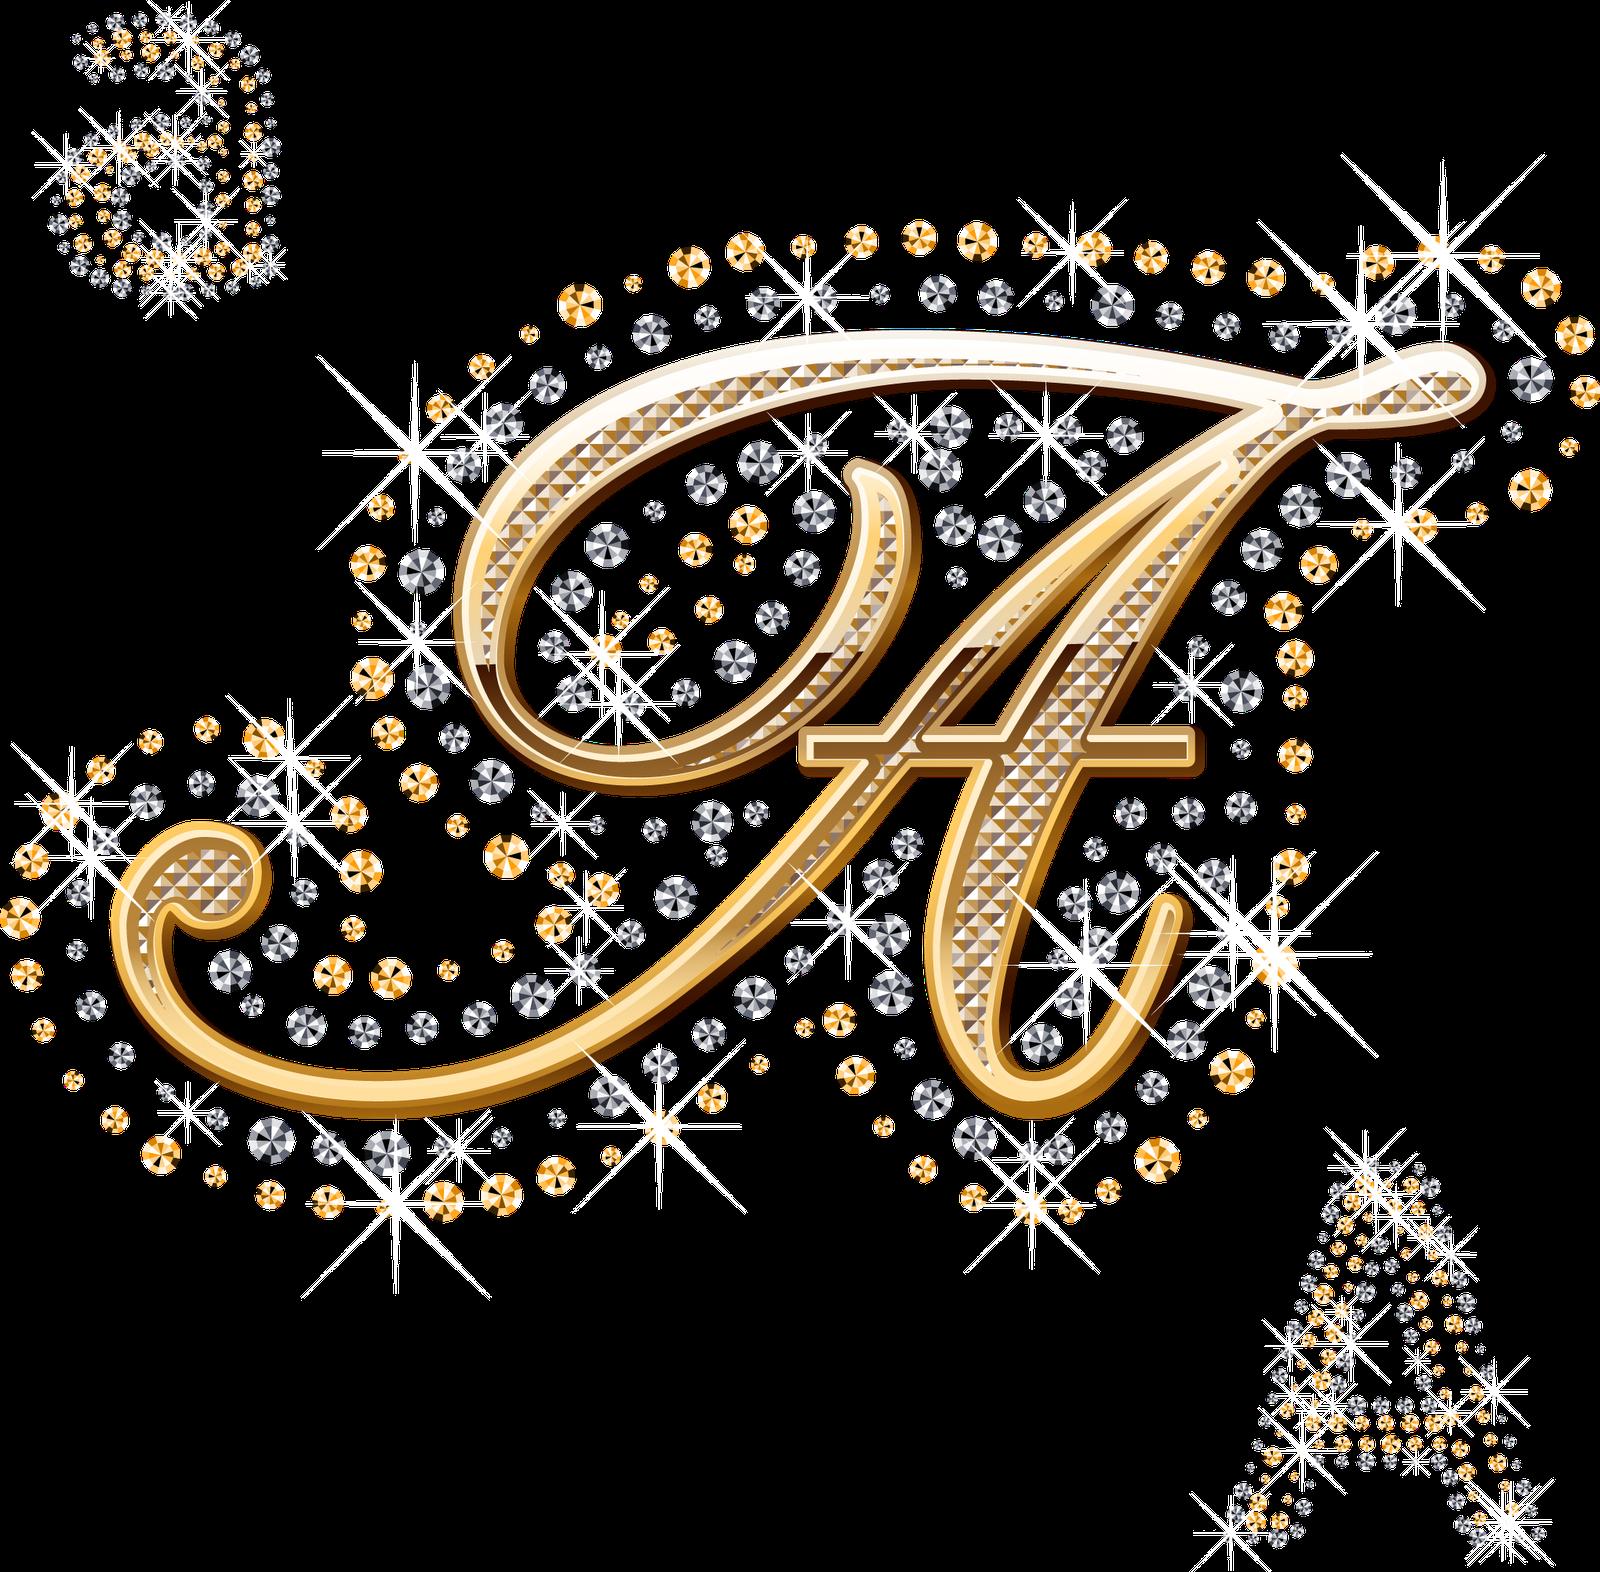 Alfabeto decorado dourado com strass em PNG | Alfabeto ...